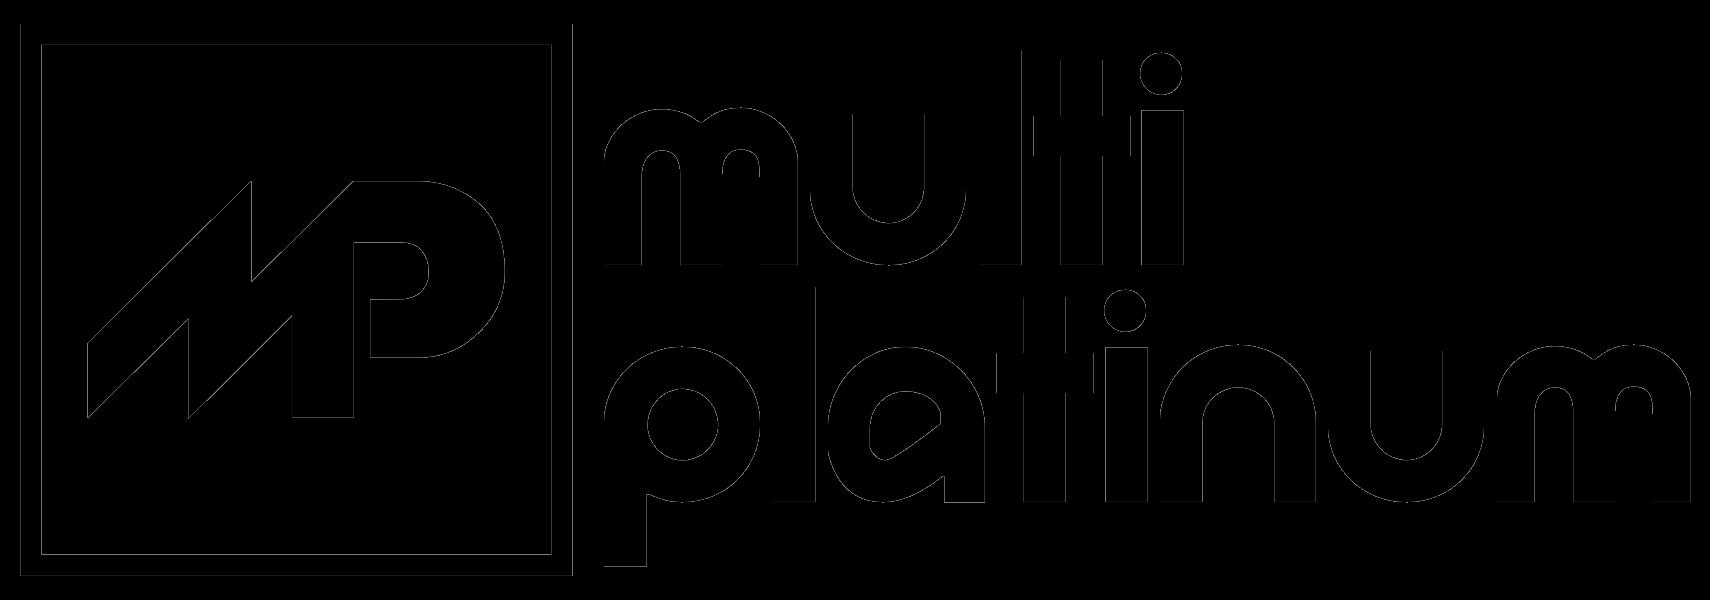 Multi-Platinum_Logo_black.png